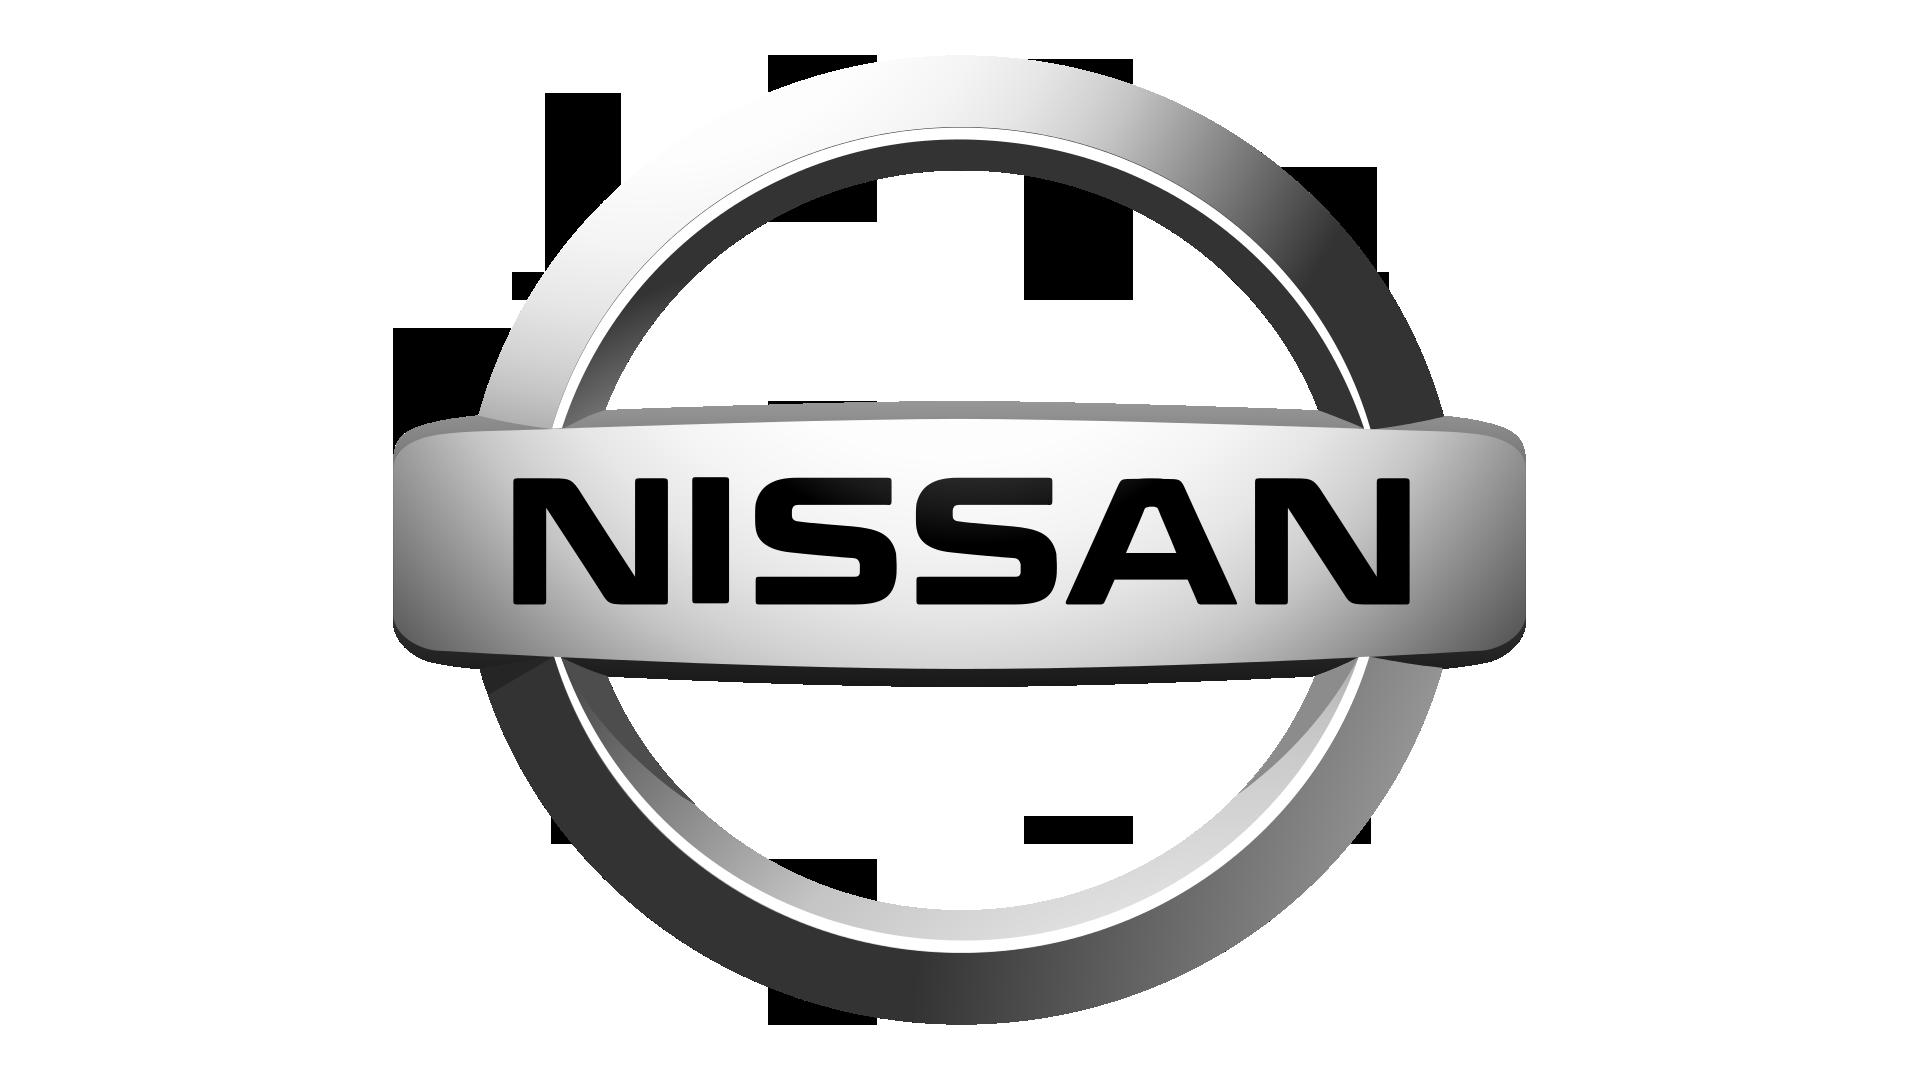 Nissan va incepe sa testeze taxiuri fara sofer in Japonia anul viitor